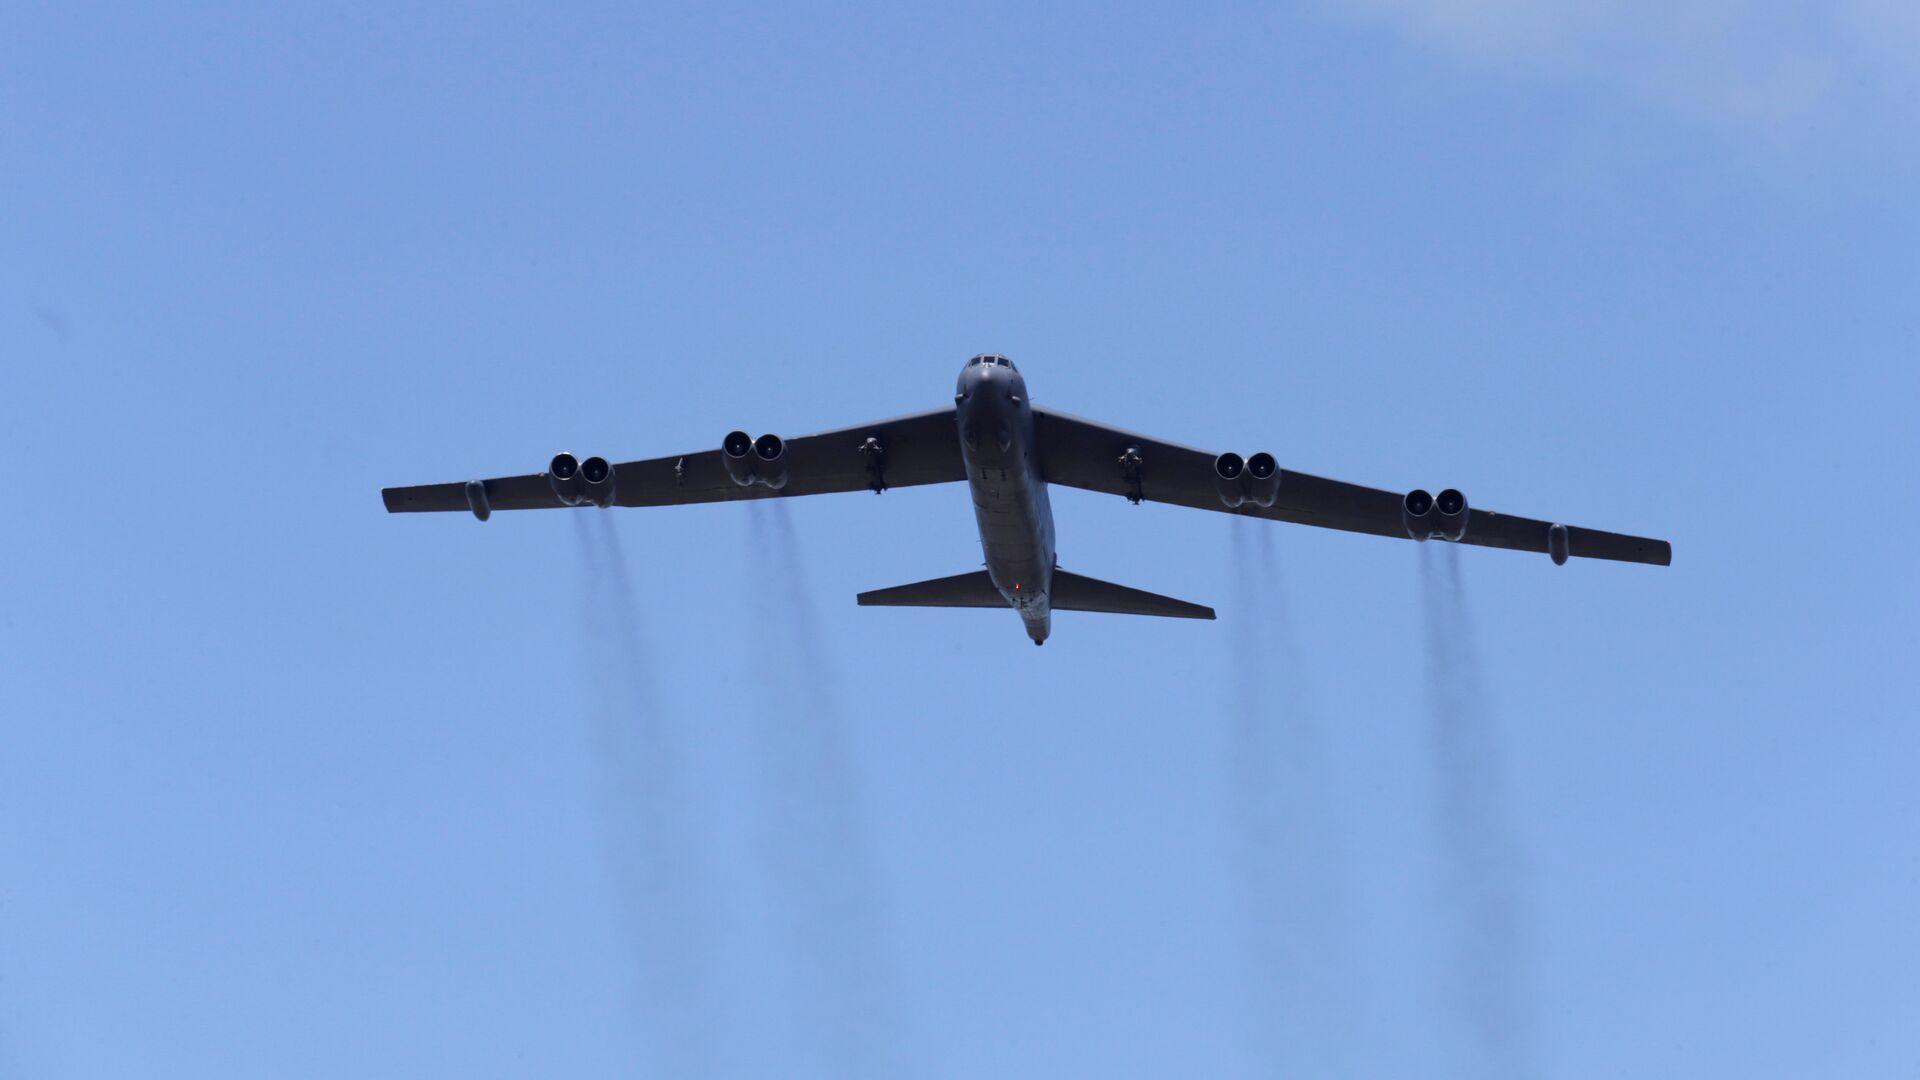 El bombardero estratégico B-52 de la Fuerza Aérea de Estados Unidos - Sputnik Mundo, 1920, 07.08.2021